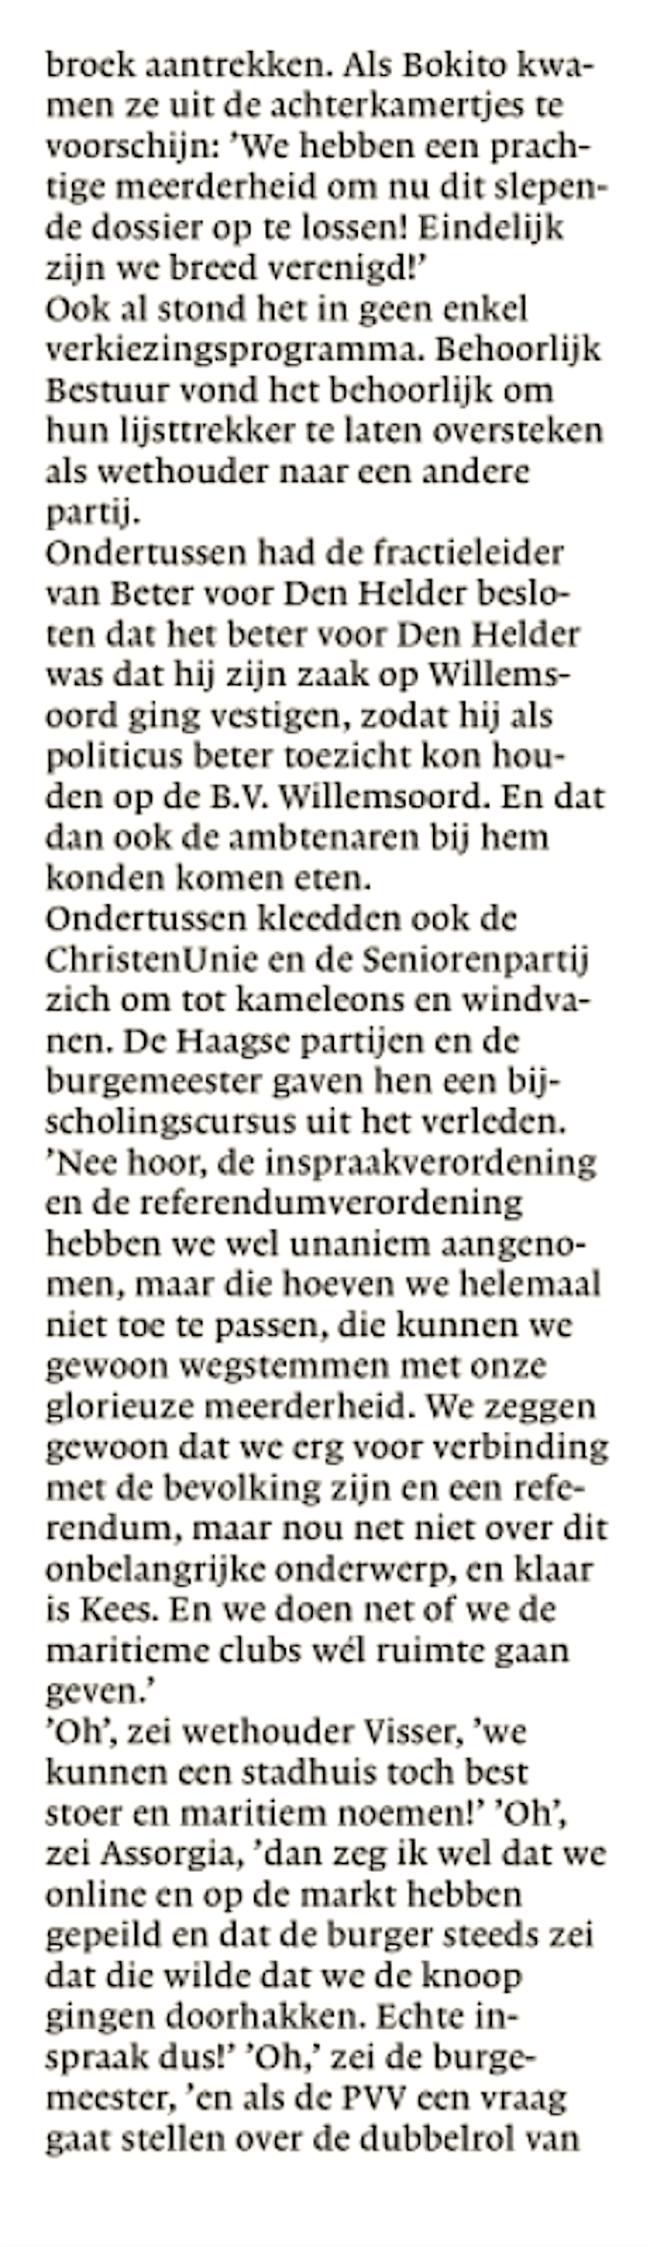 Helderse Courant, 11 mei 2019